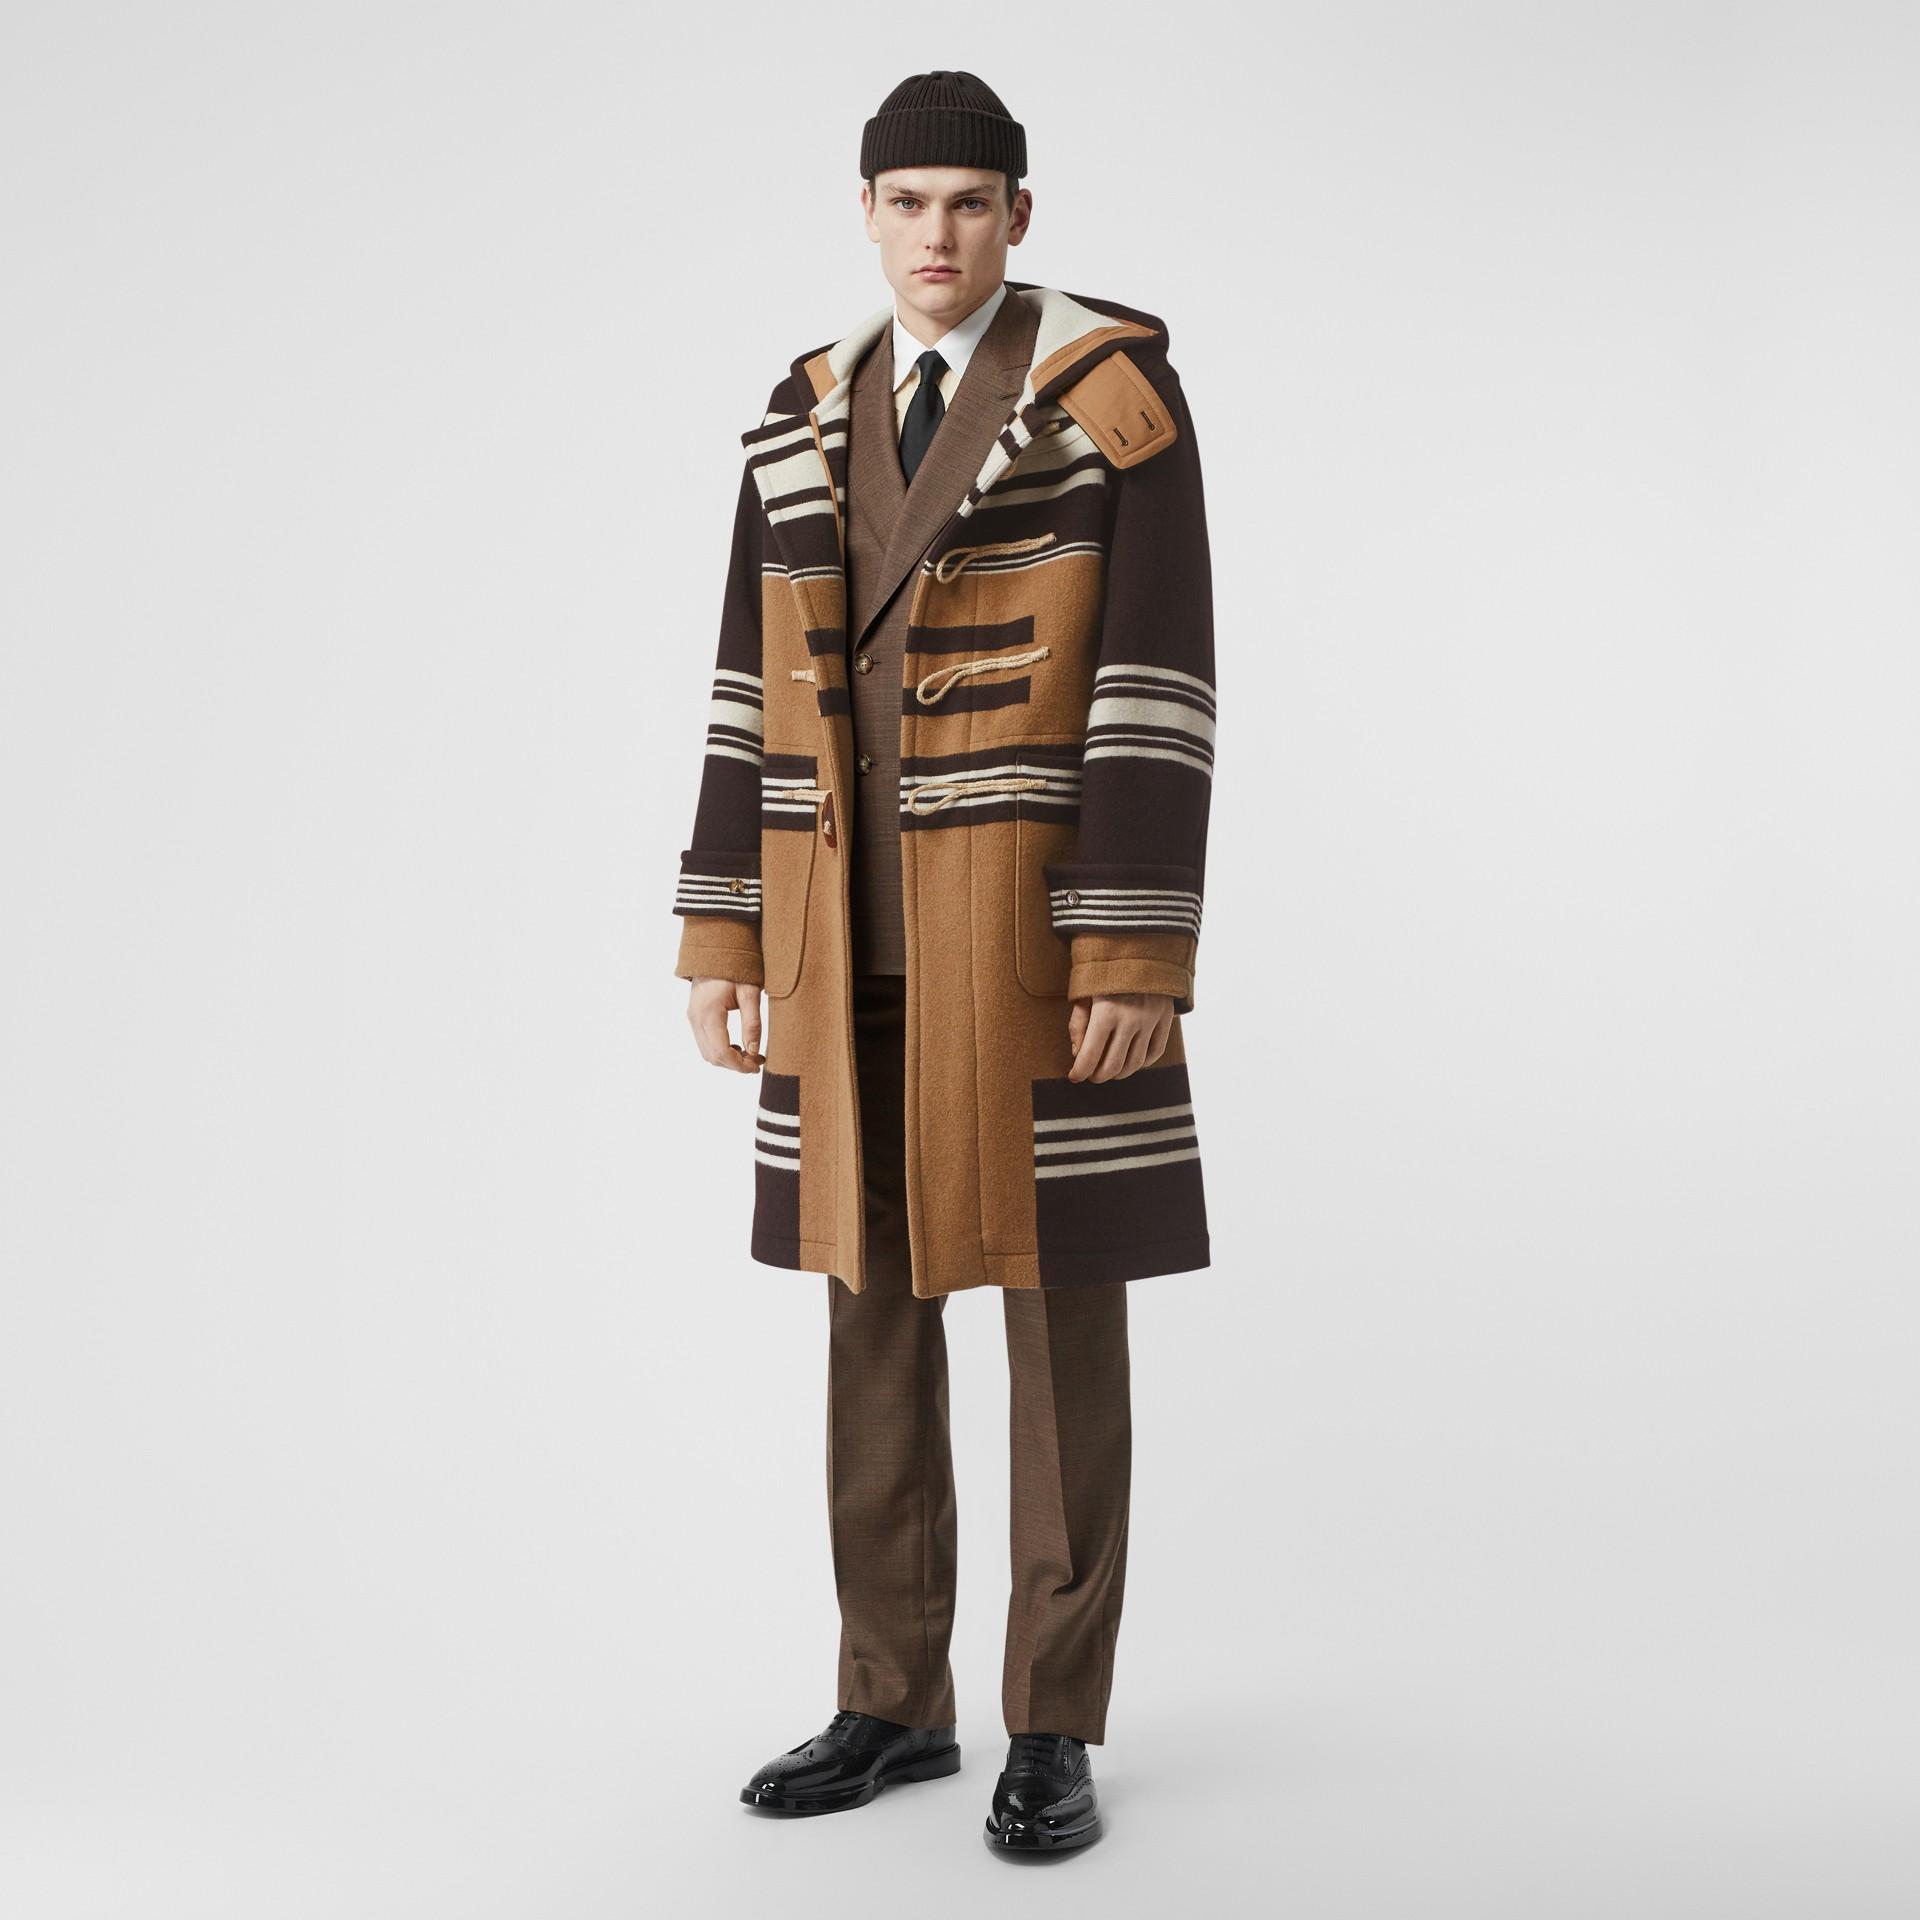 Dufflecoat aus Wolle mit Streifendetail (Camelfarben) - Herren | Burberry - Galerie-Bild 0